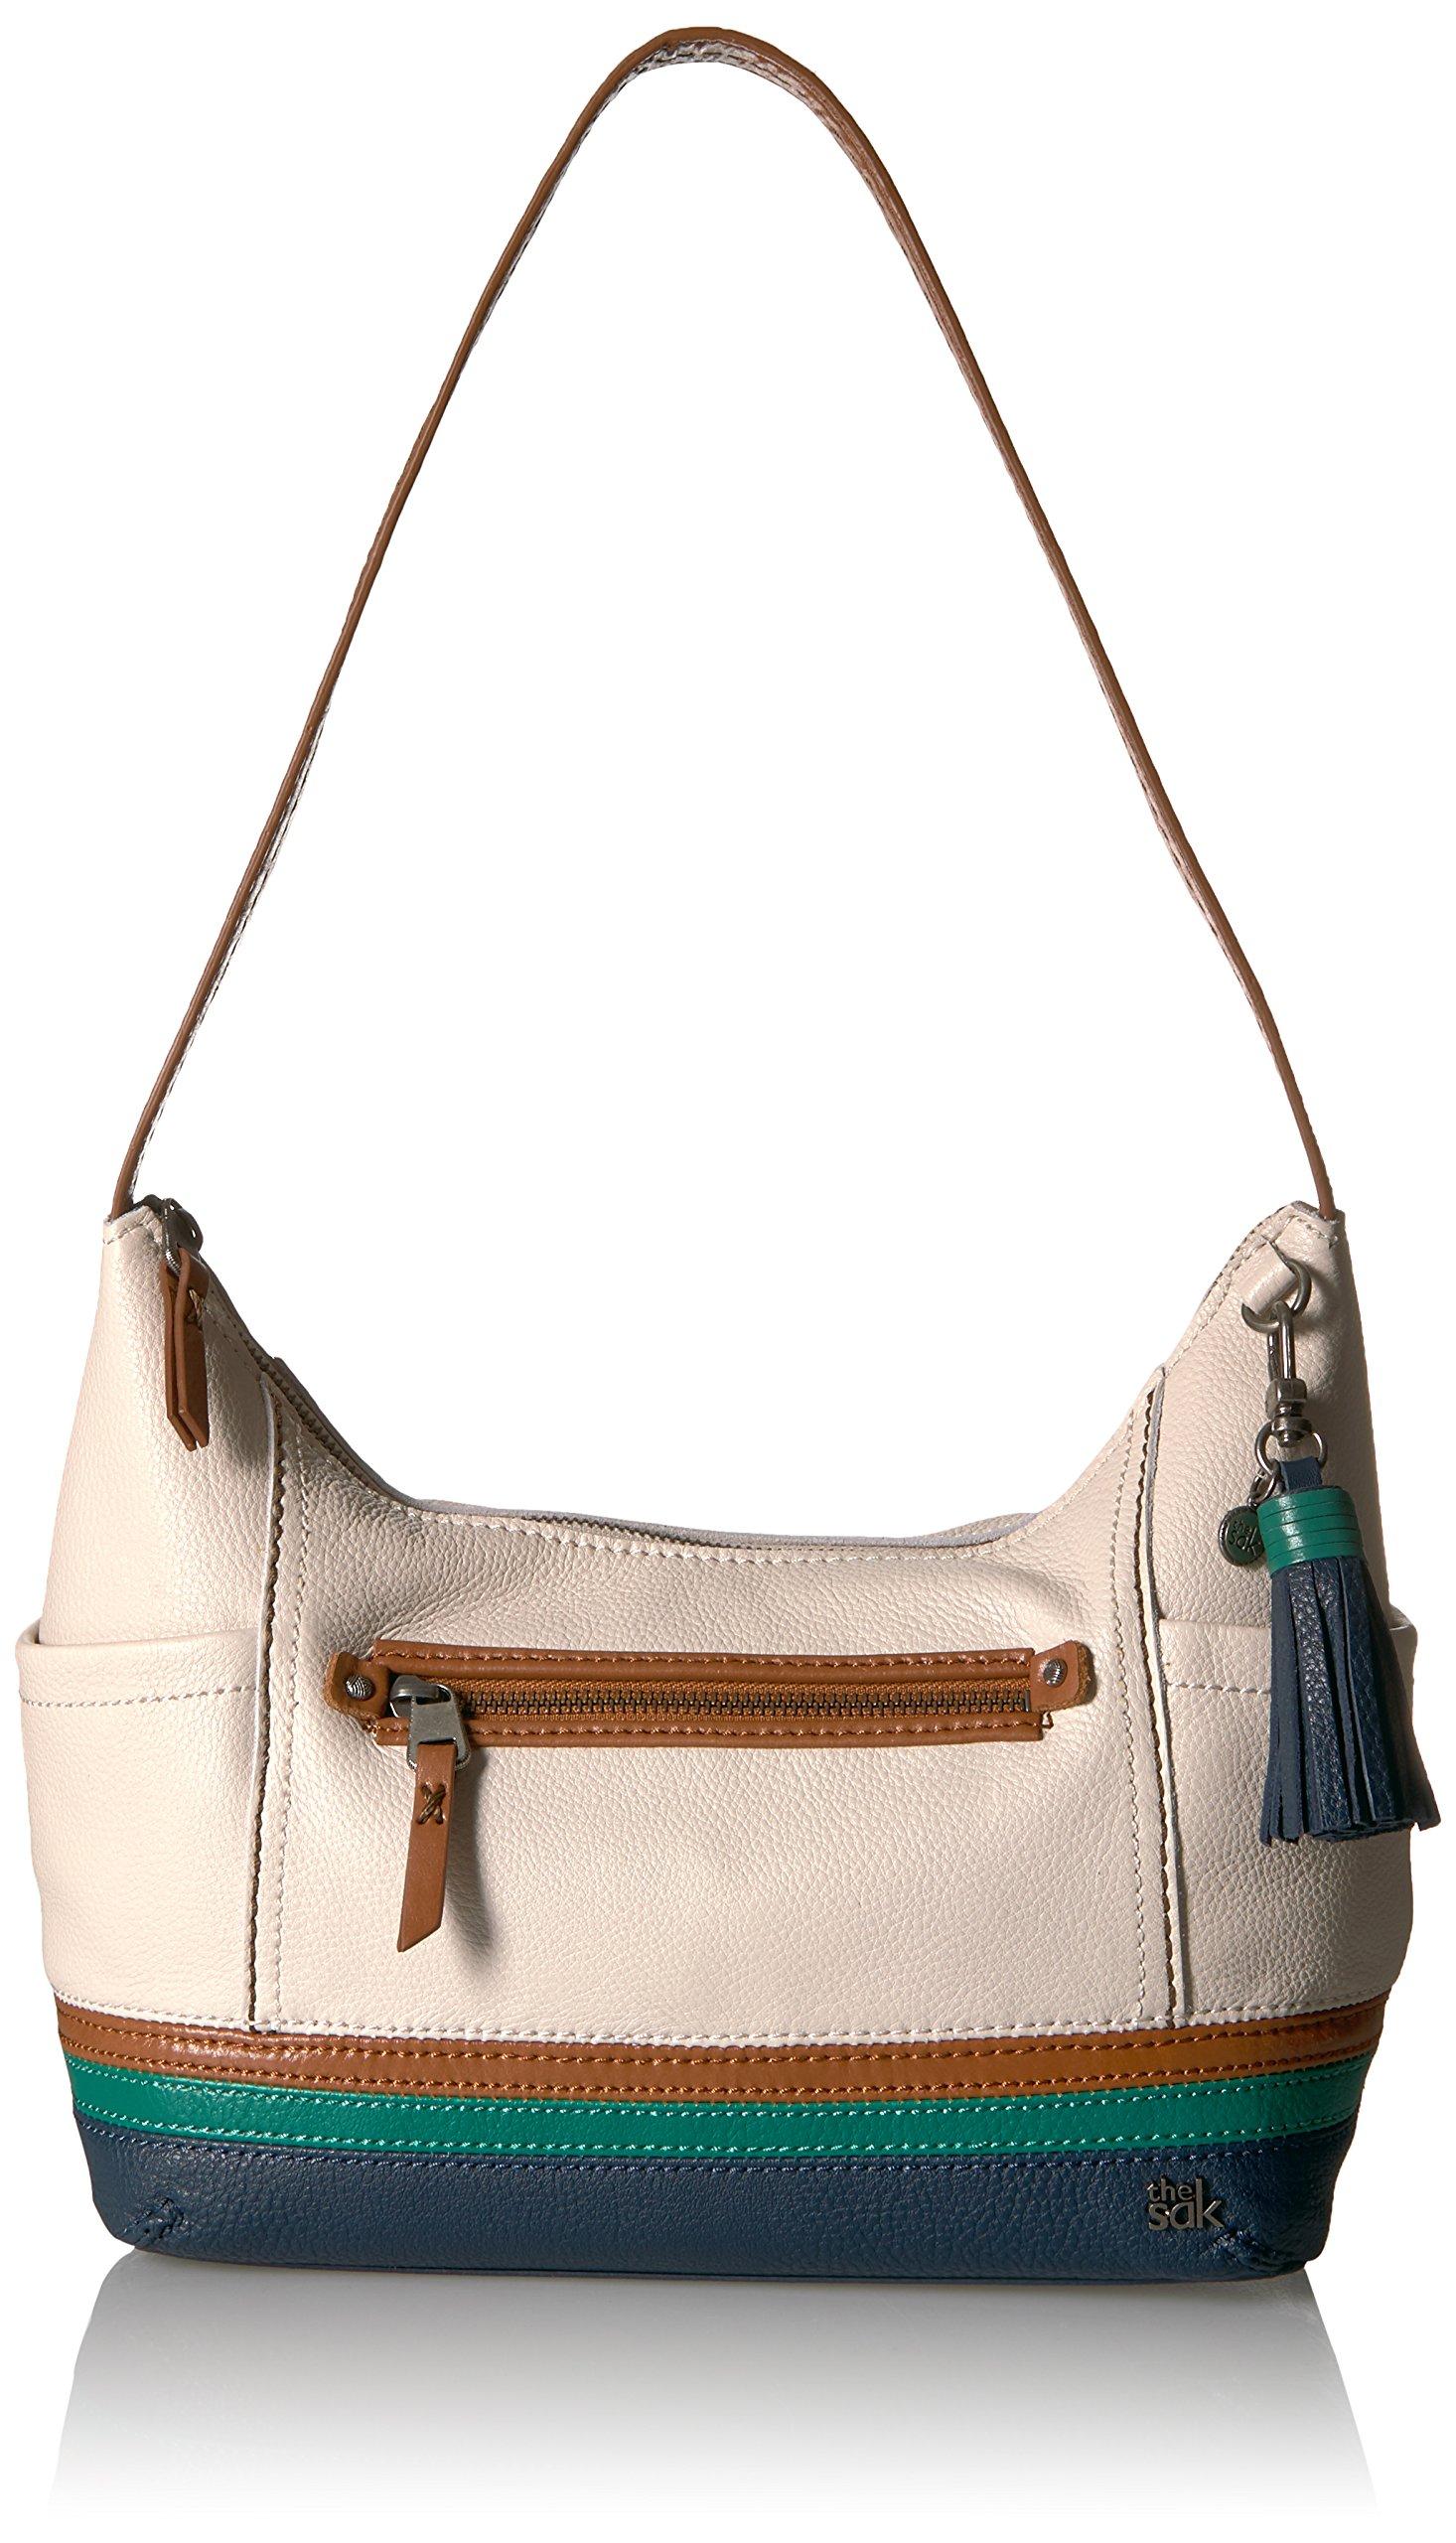 The Sak Kendra Hobo Shoulder Bag,monterey stripe,One Size